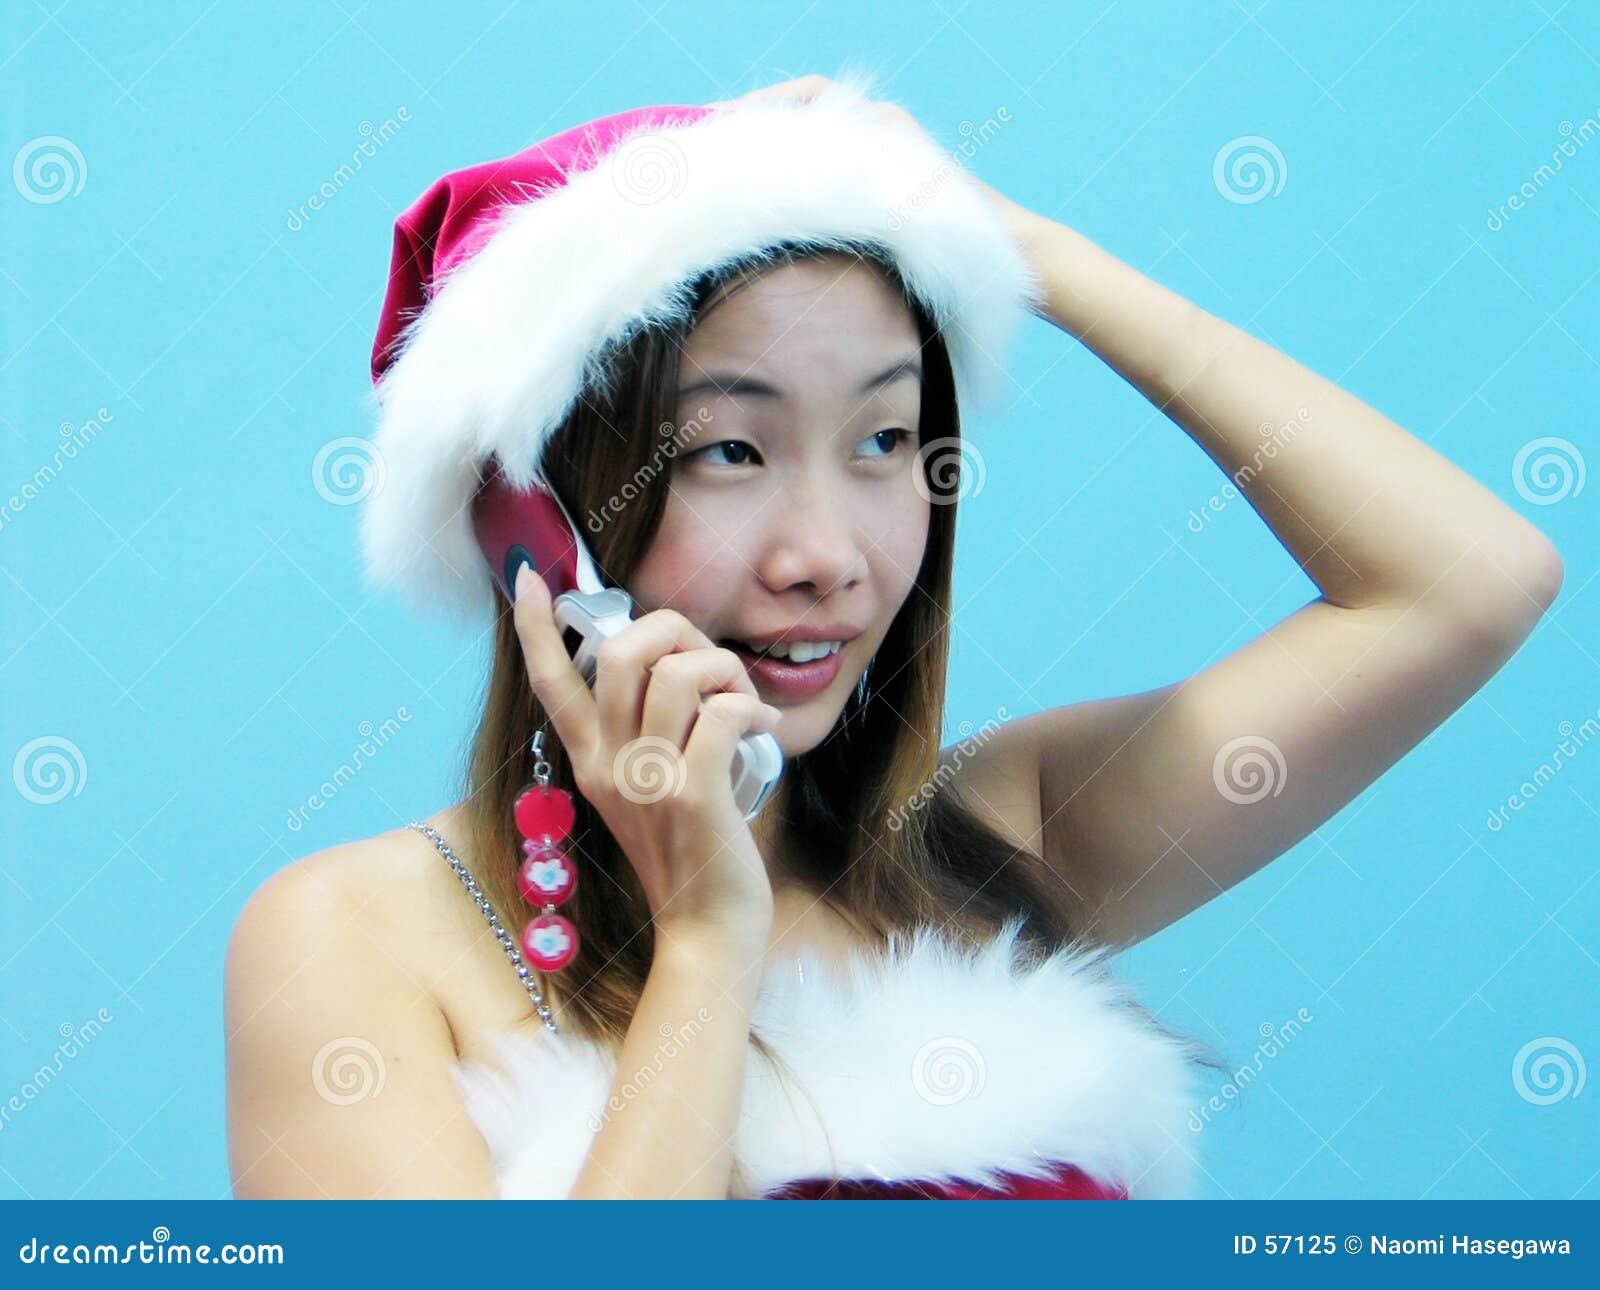 Christmas Greetings!